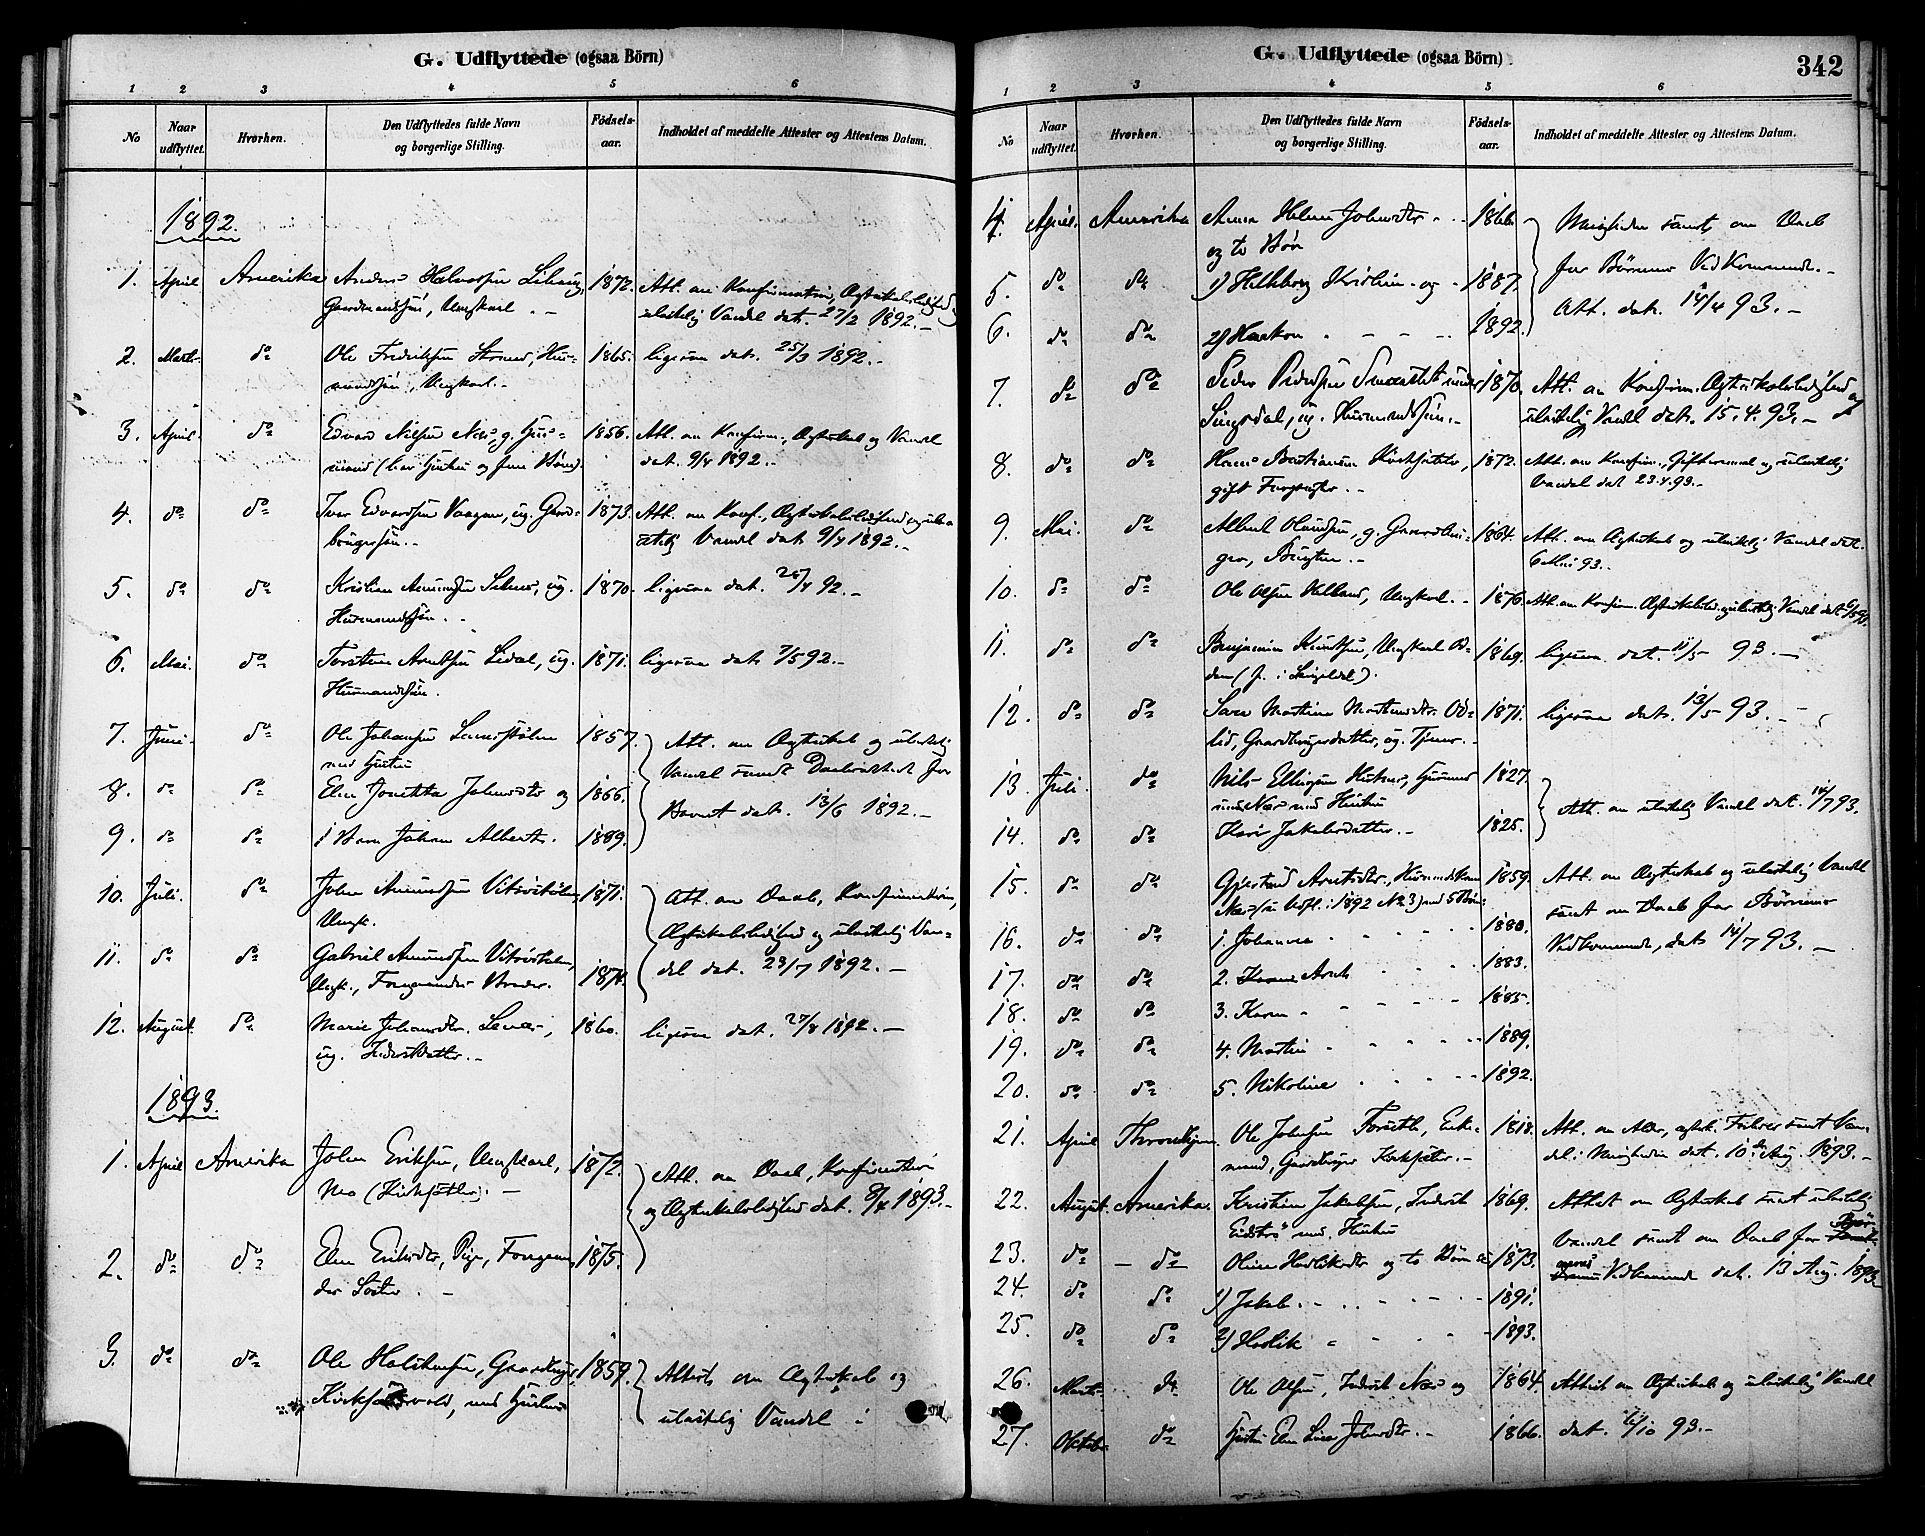 SAT, Ministerialprotokoller, klokkerbøker og fødselsregistre - Sør-Trøndelag, 630/L0496: Ministerialbok nr. 630A09, 1879-1895, s. 342